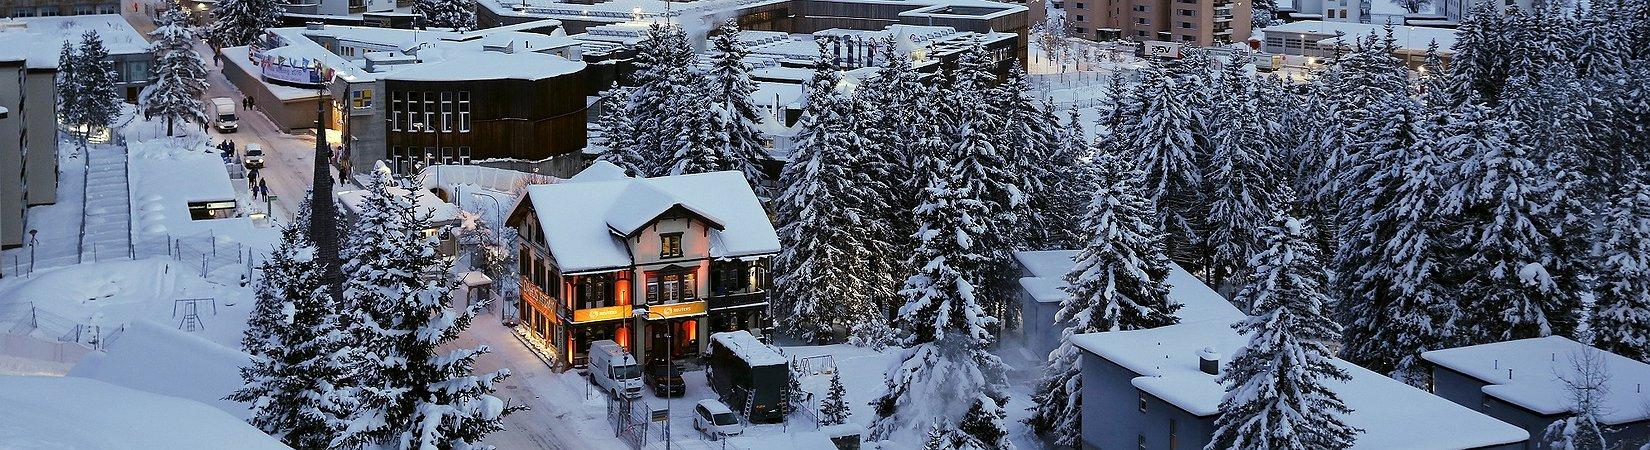 Alles, was man über Davos wissen muss